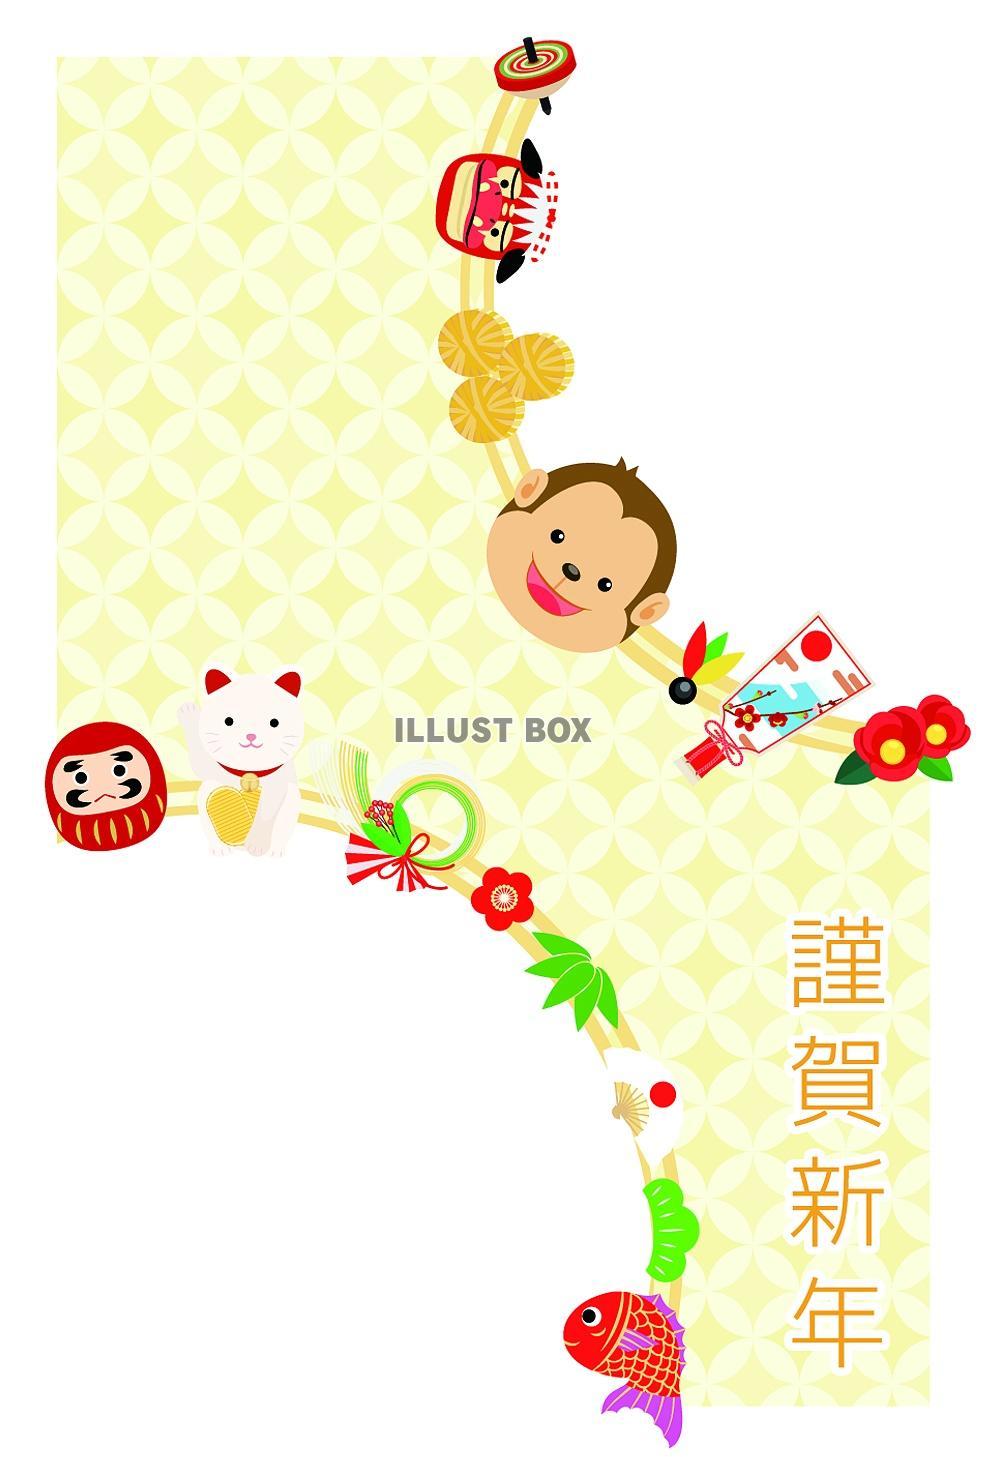 カレンダー 2015年カレンダー ダウンロード : 申年、年賀状テンプレート(jpg ...